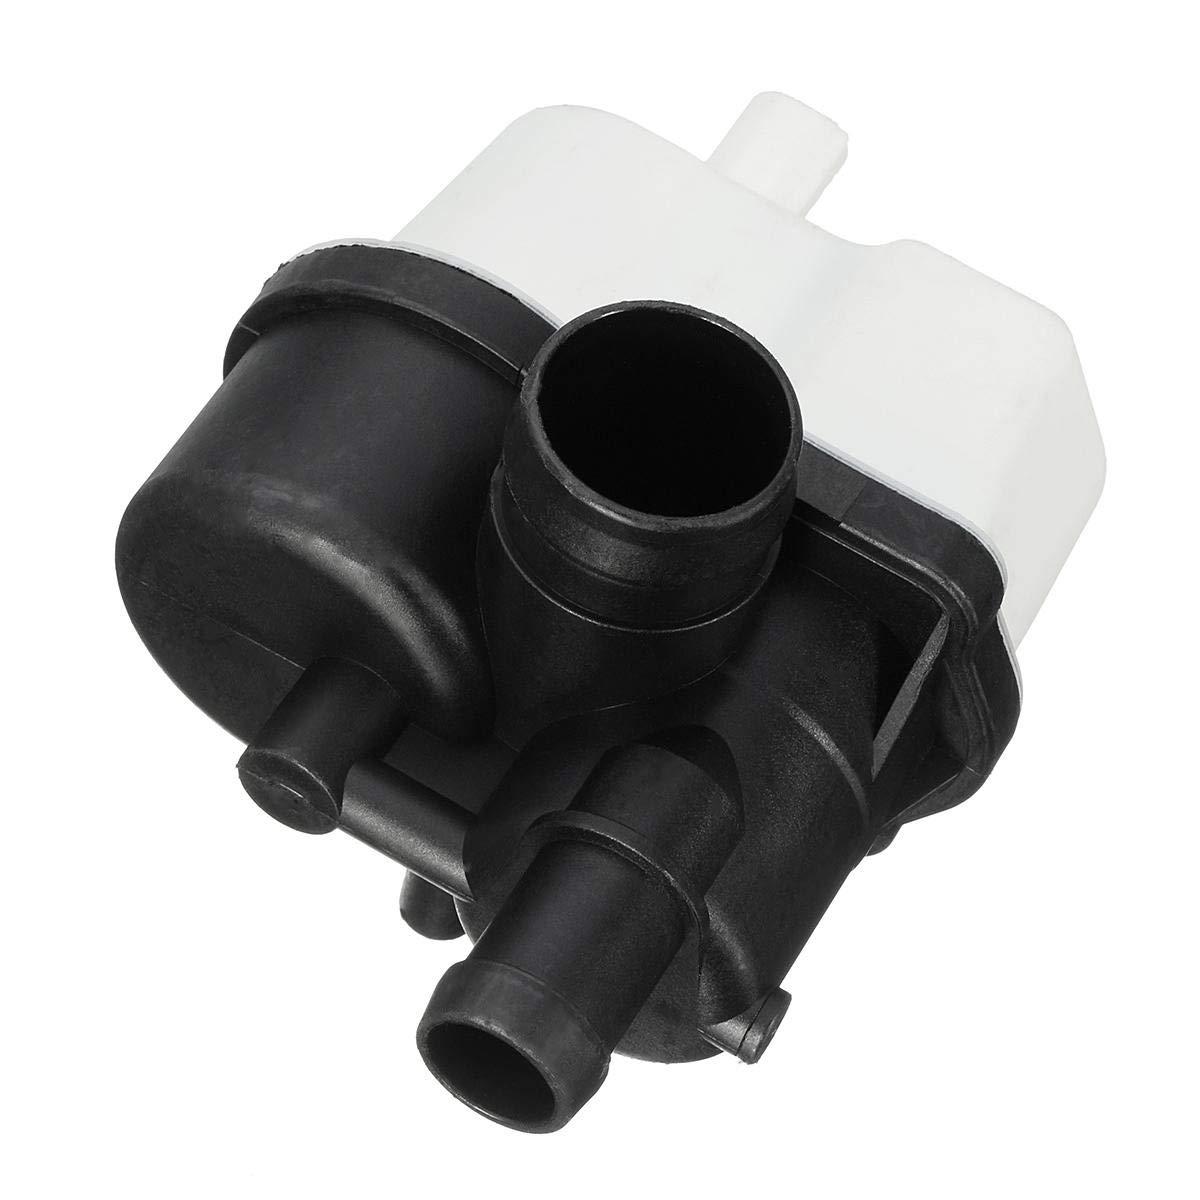 0261222018 Fuel Vapor EVAP Leak Detection Pump For 128i M3 330xi 330Ci 325xi 325Ci 335i 328i xDrive M5 540i 525i X1 X3 X5 X6 Z3 Z4 Z8 1 3 5 6 7 Series A3 16137193479 Self-Diagnosis Module